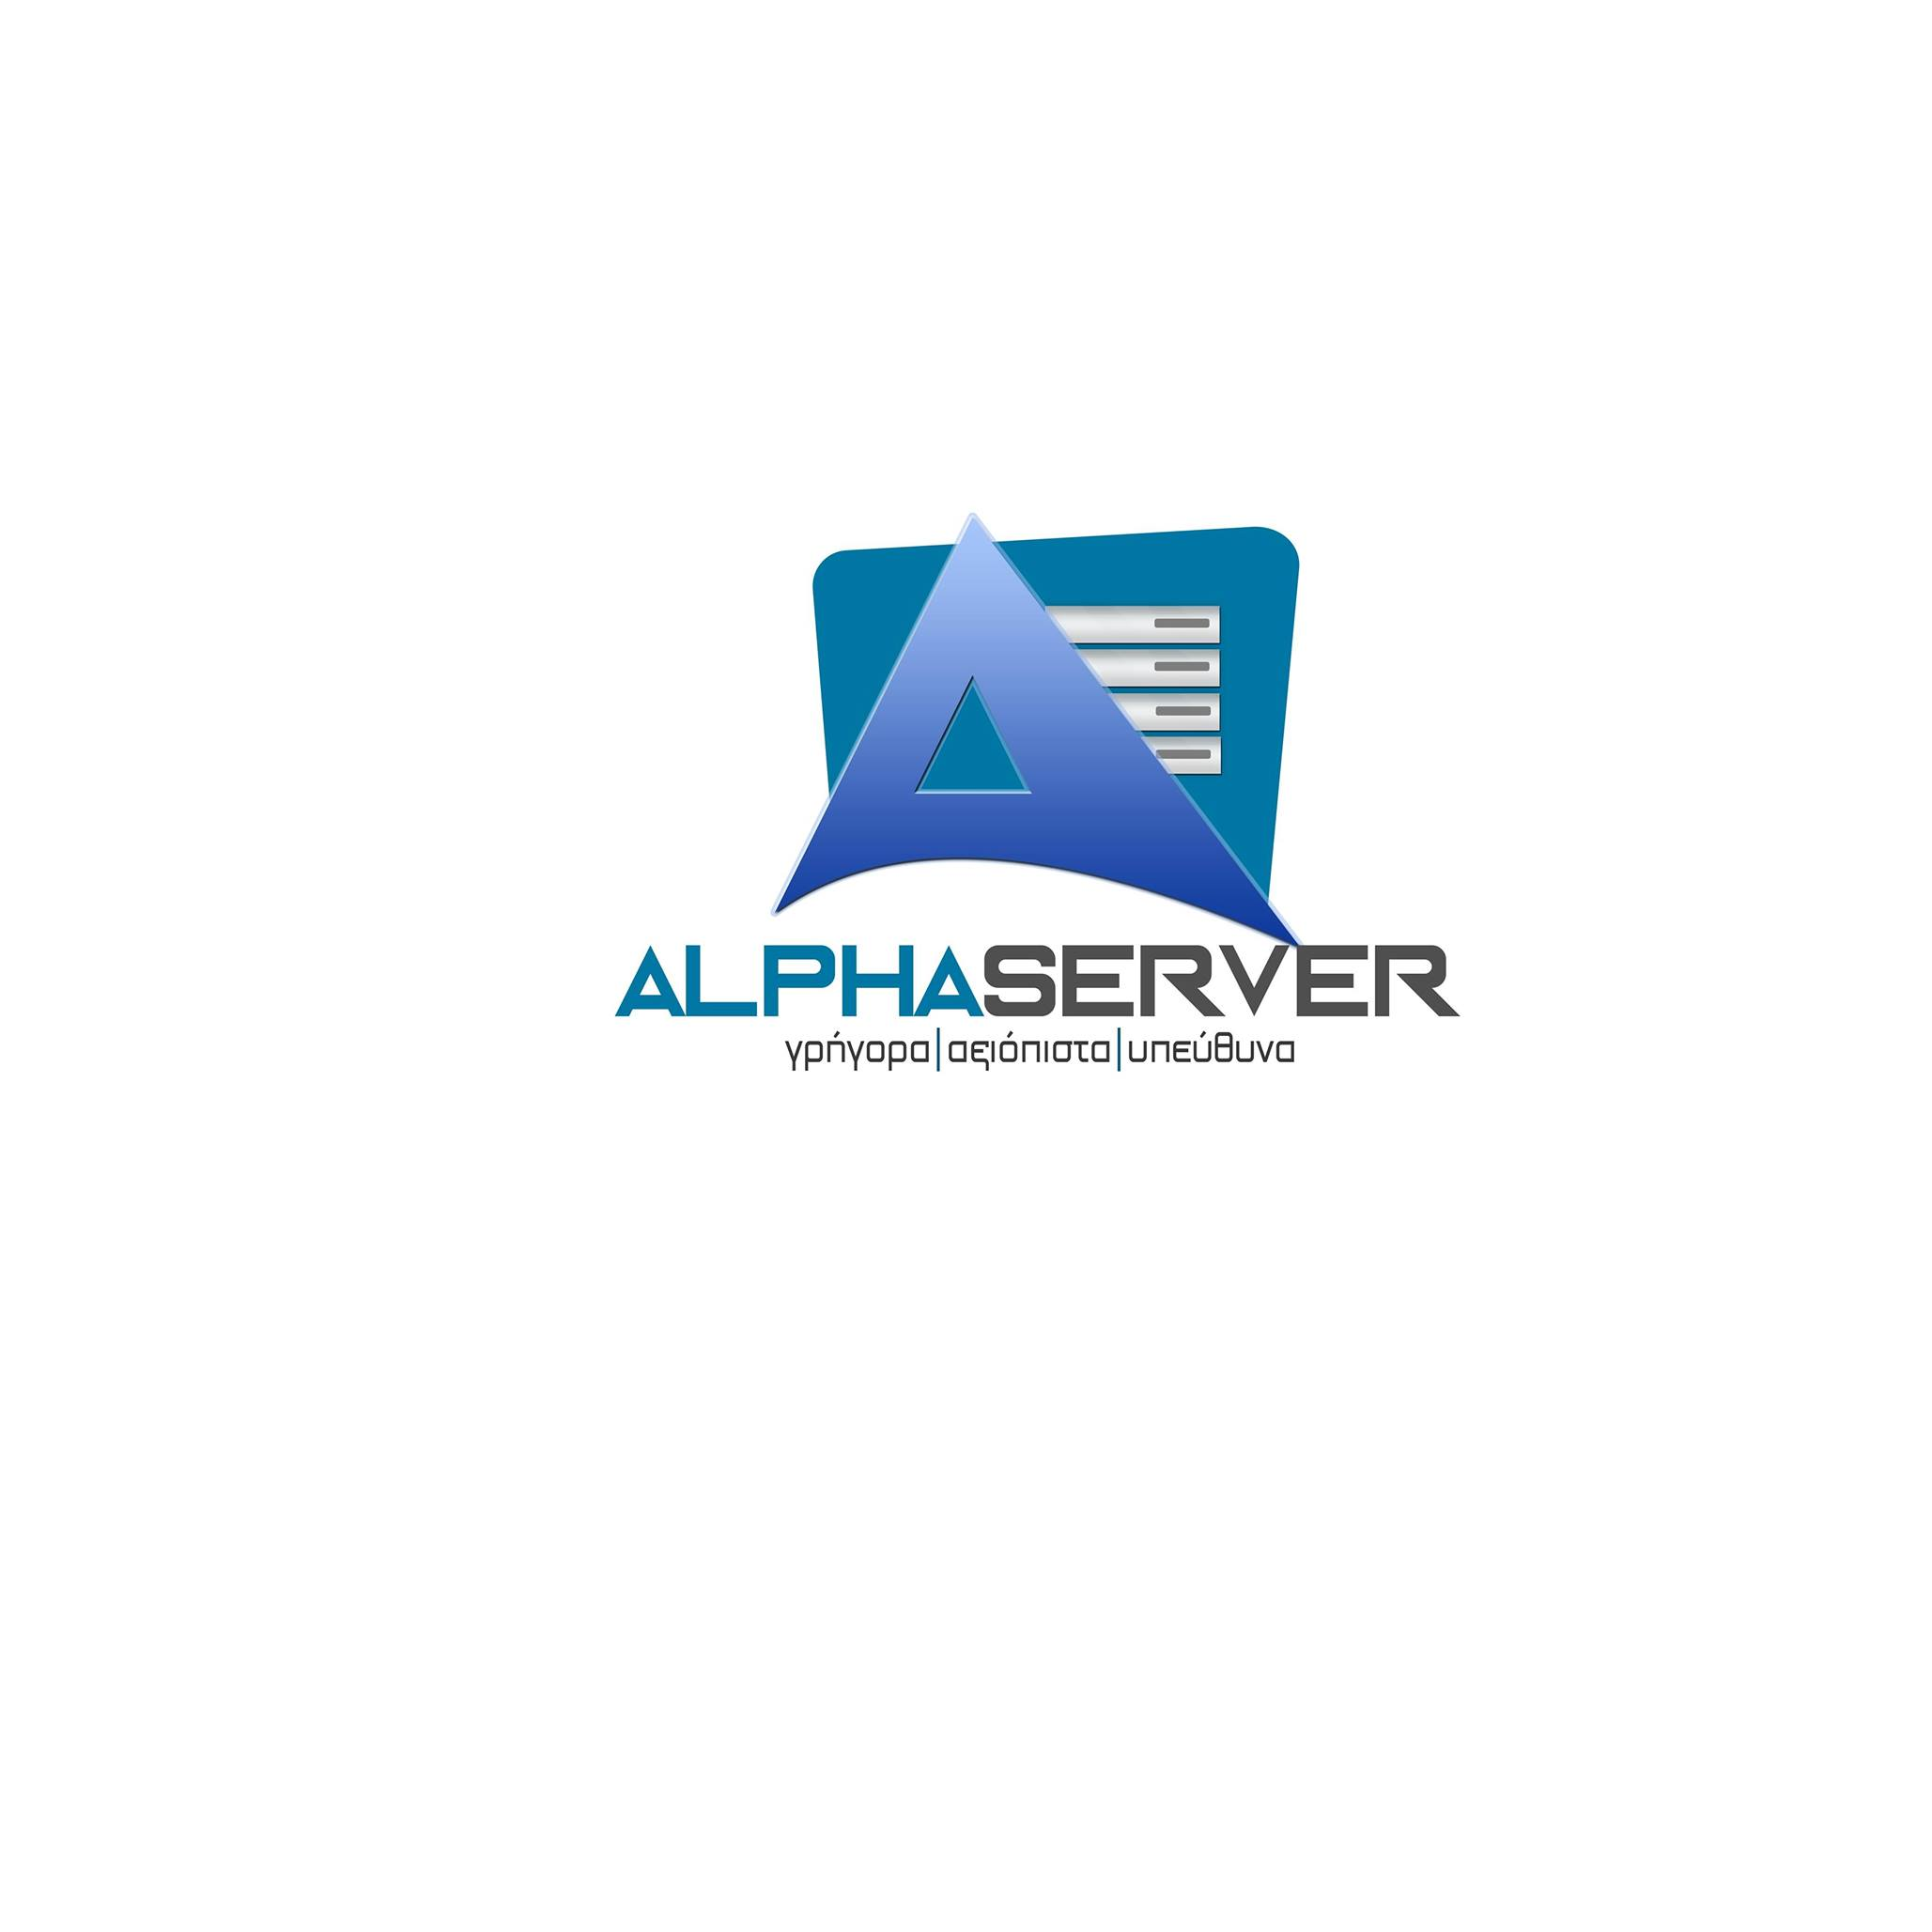 https://everest.alphaserver.gr:2345